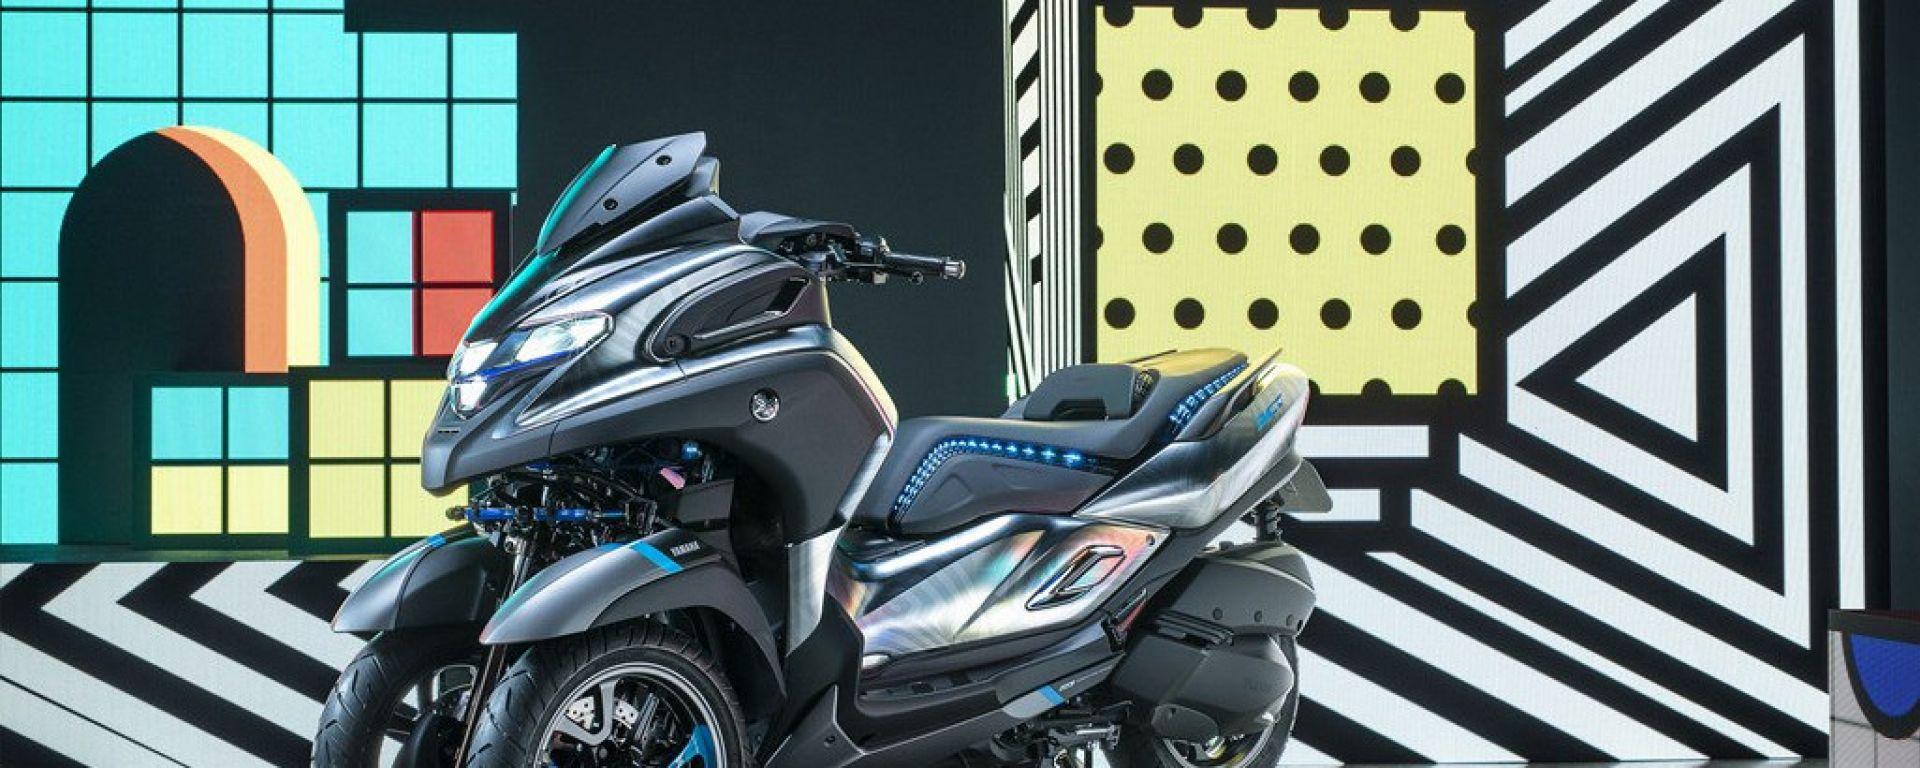 Yamaha 3CT: in futuro potrebbe chiamarsi Tricity 300